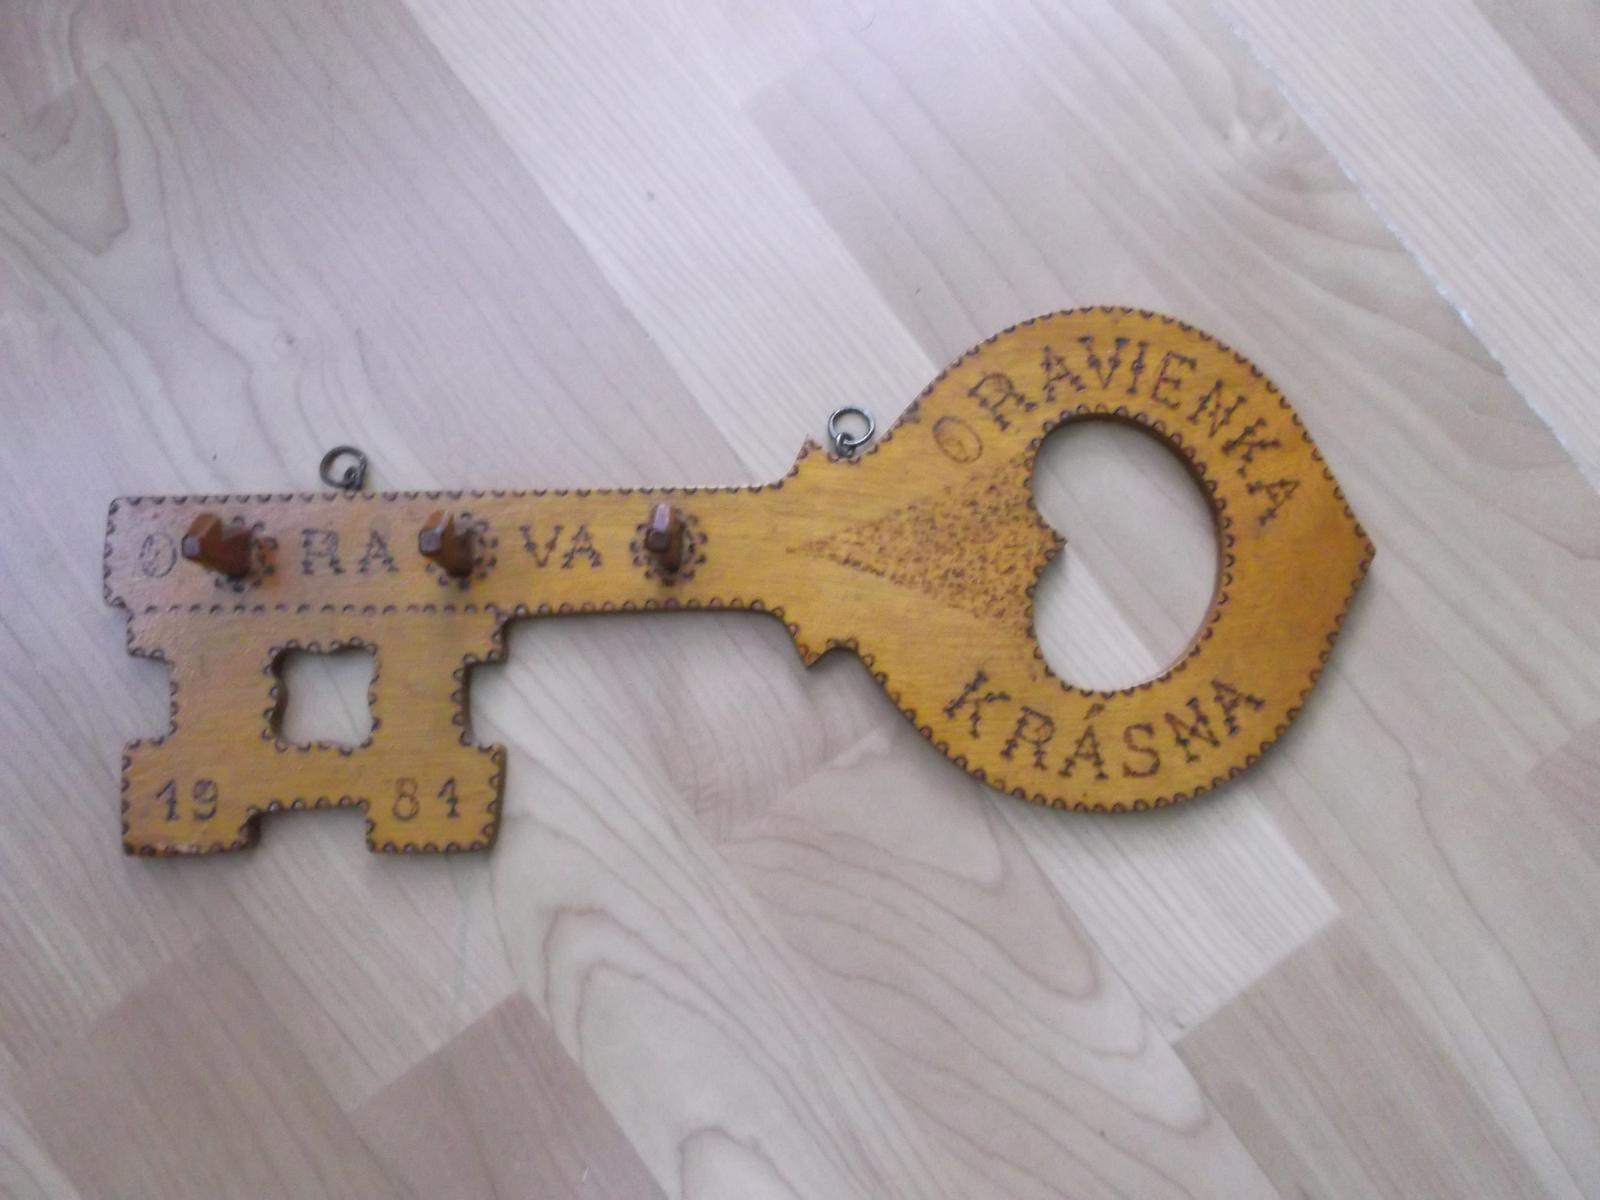 drevený kľúč na kľúče - Obrázok č. 1